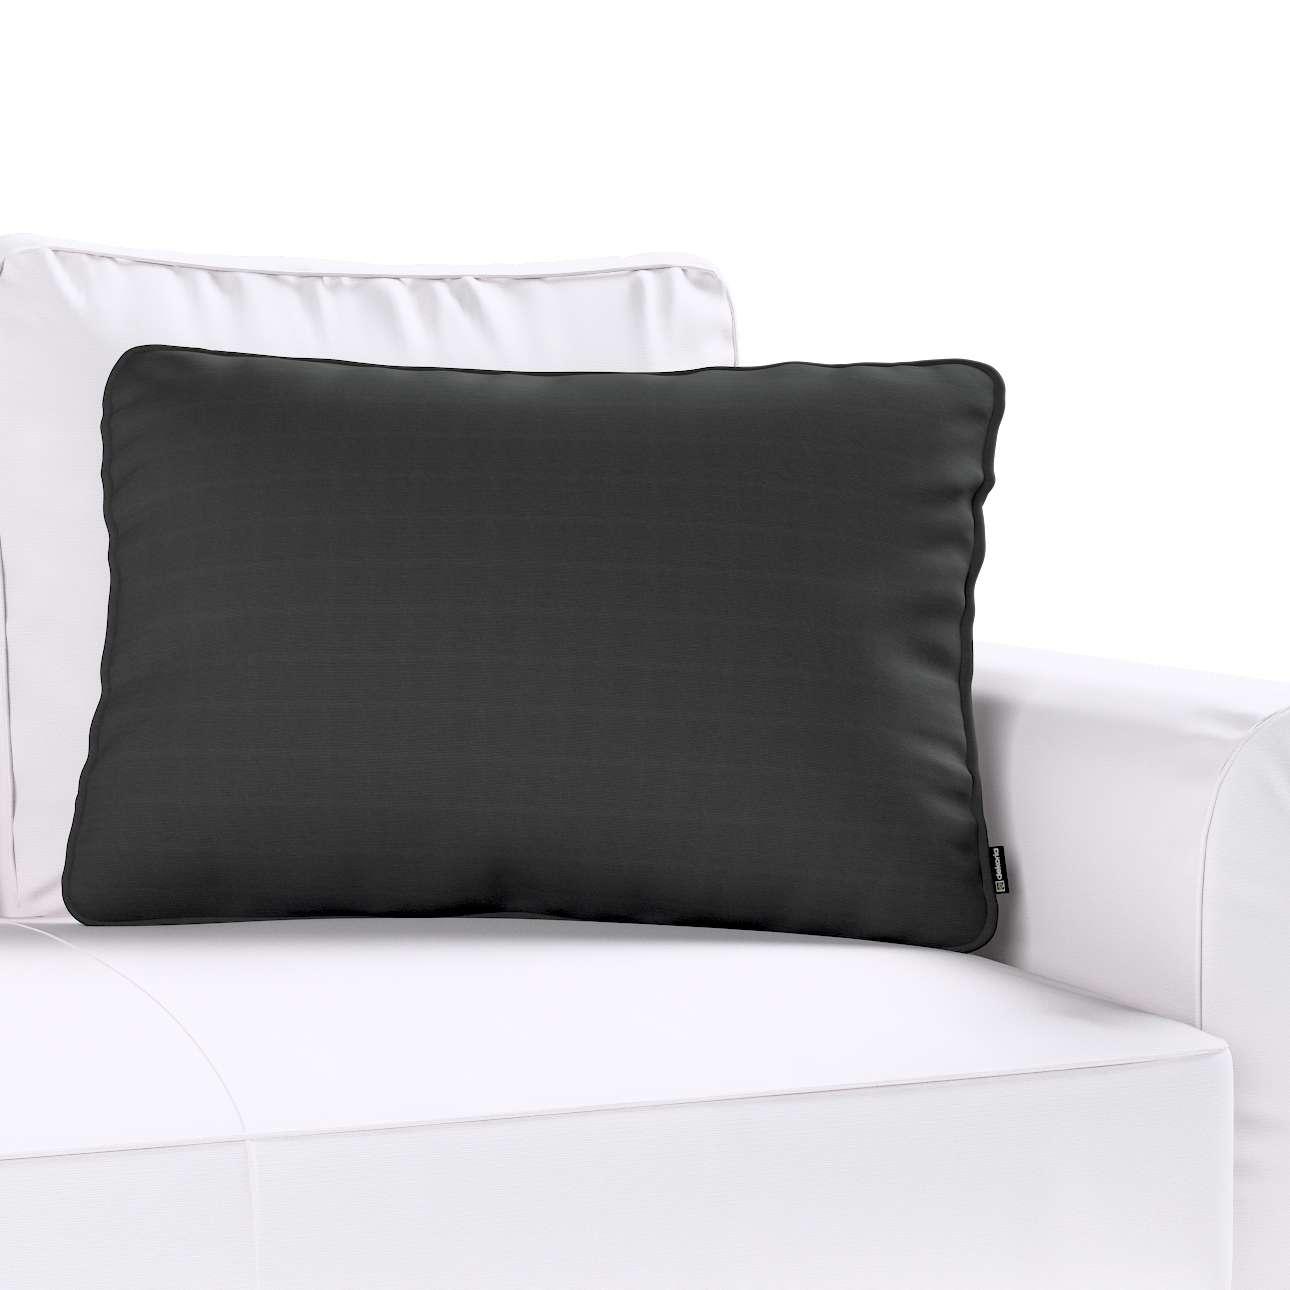 Poszewka Gabi na poduszkę prostokątna 60x40cm w kolekcji Jupiter, tkanina: 127-99